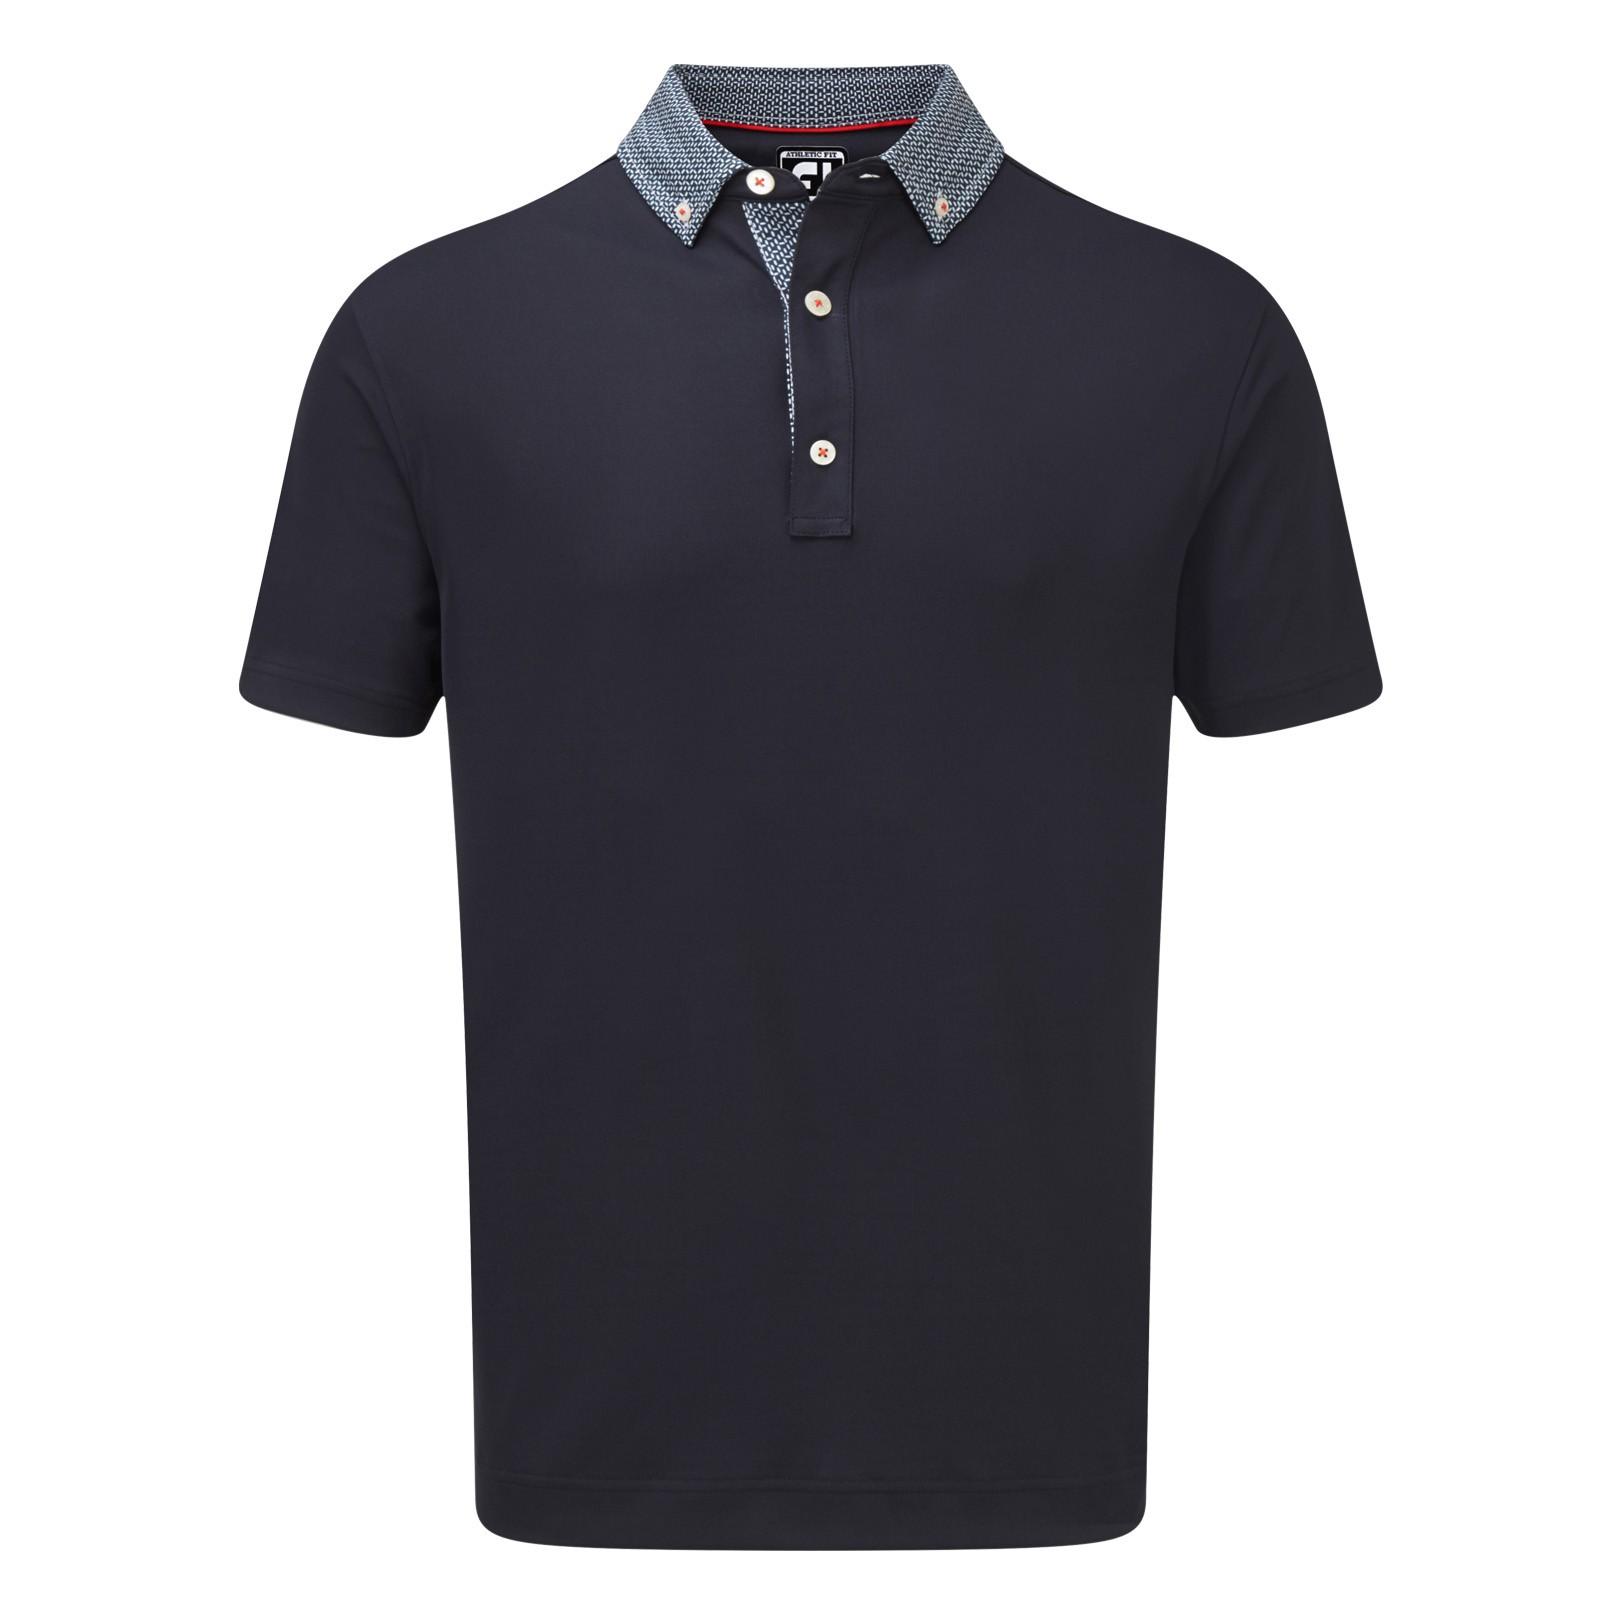 Footjoy Stretch Pique with Woven Buttondown Collar Polo